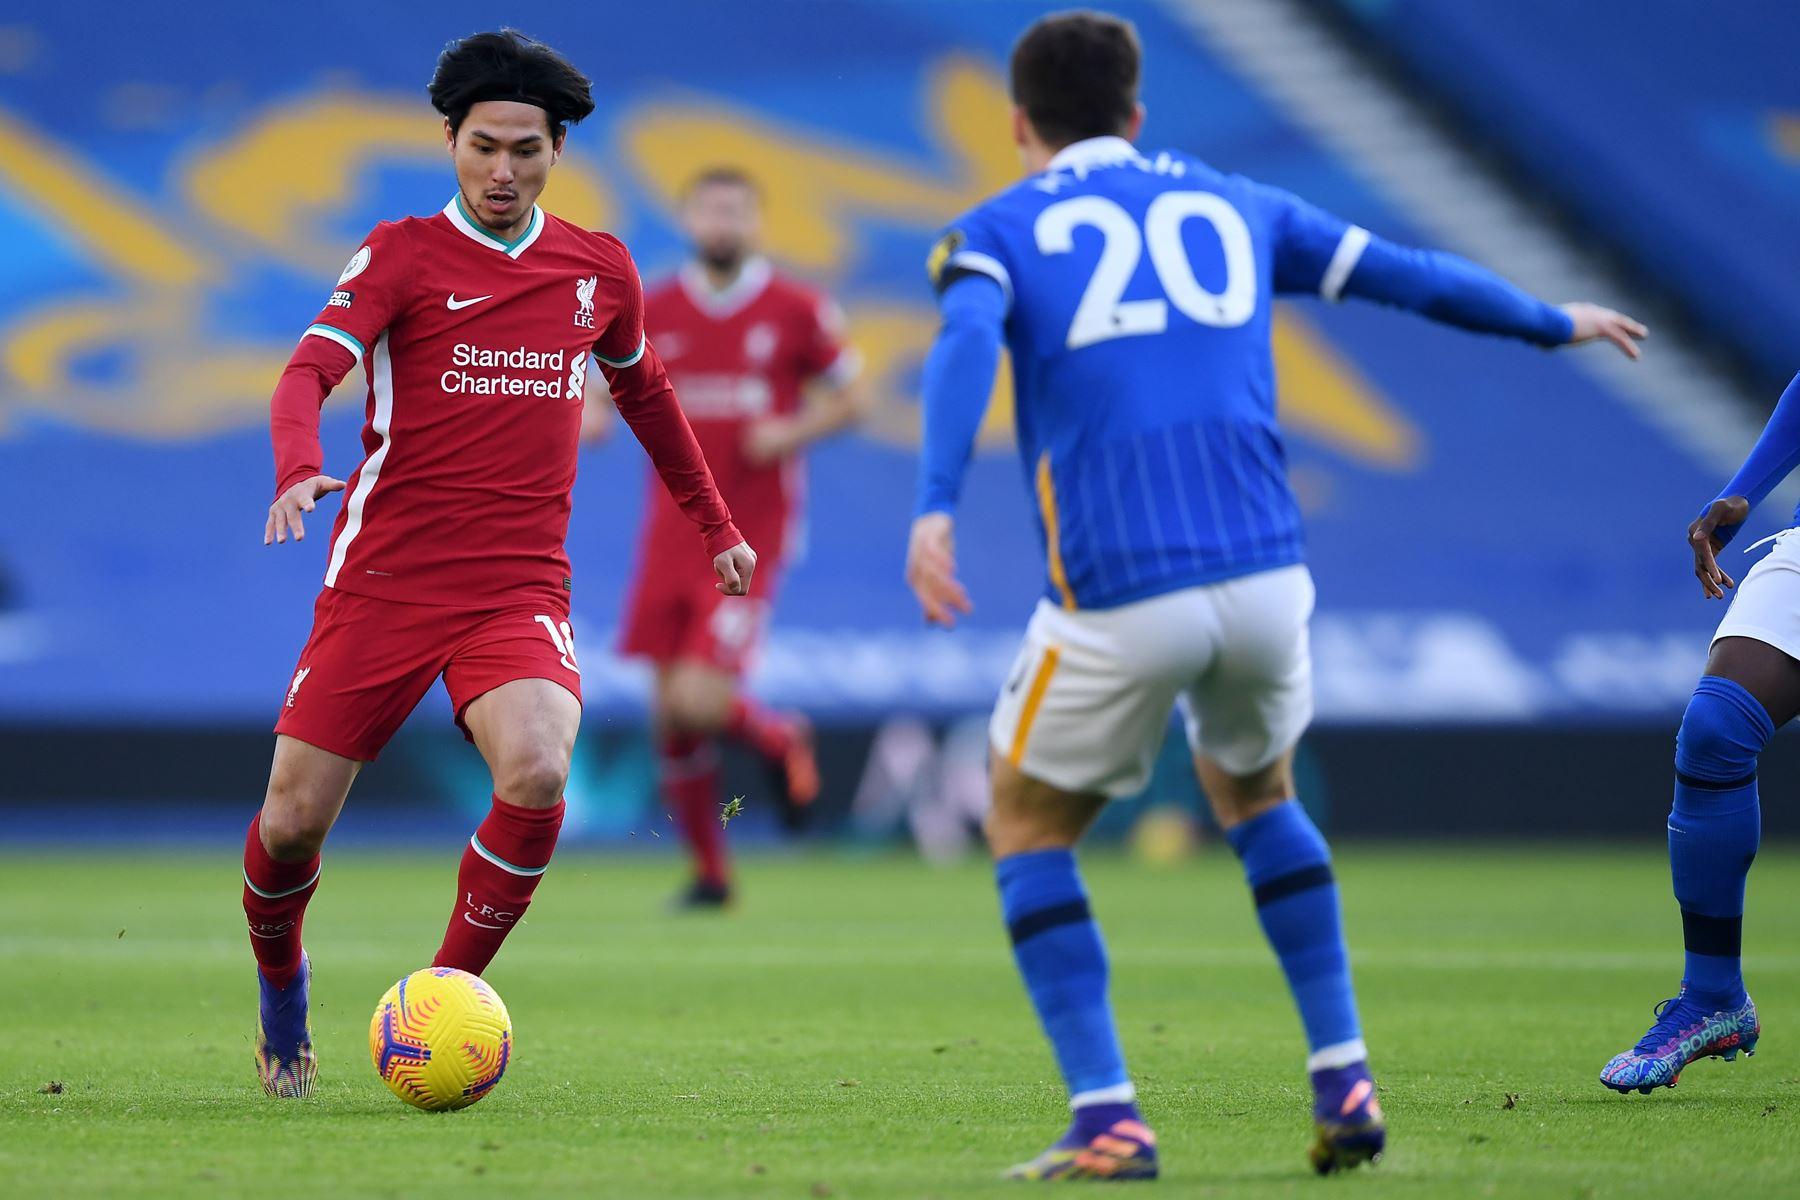 El mediocampista japonés del Liverpool, Takumi Minamino, controla el balón durante el partido de fútbol de la Premier League inglesa. Foto: AFP